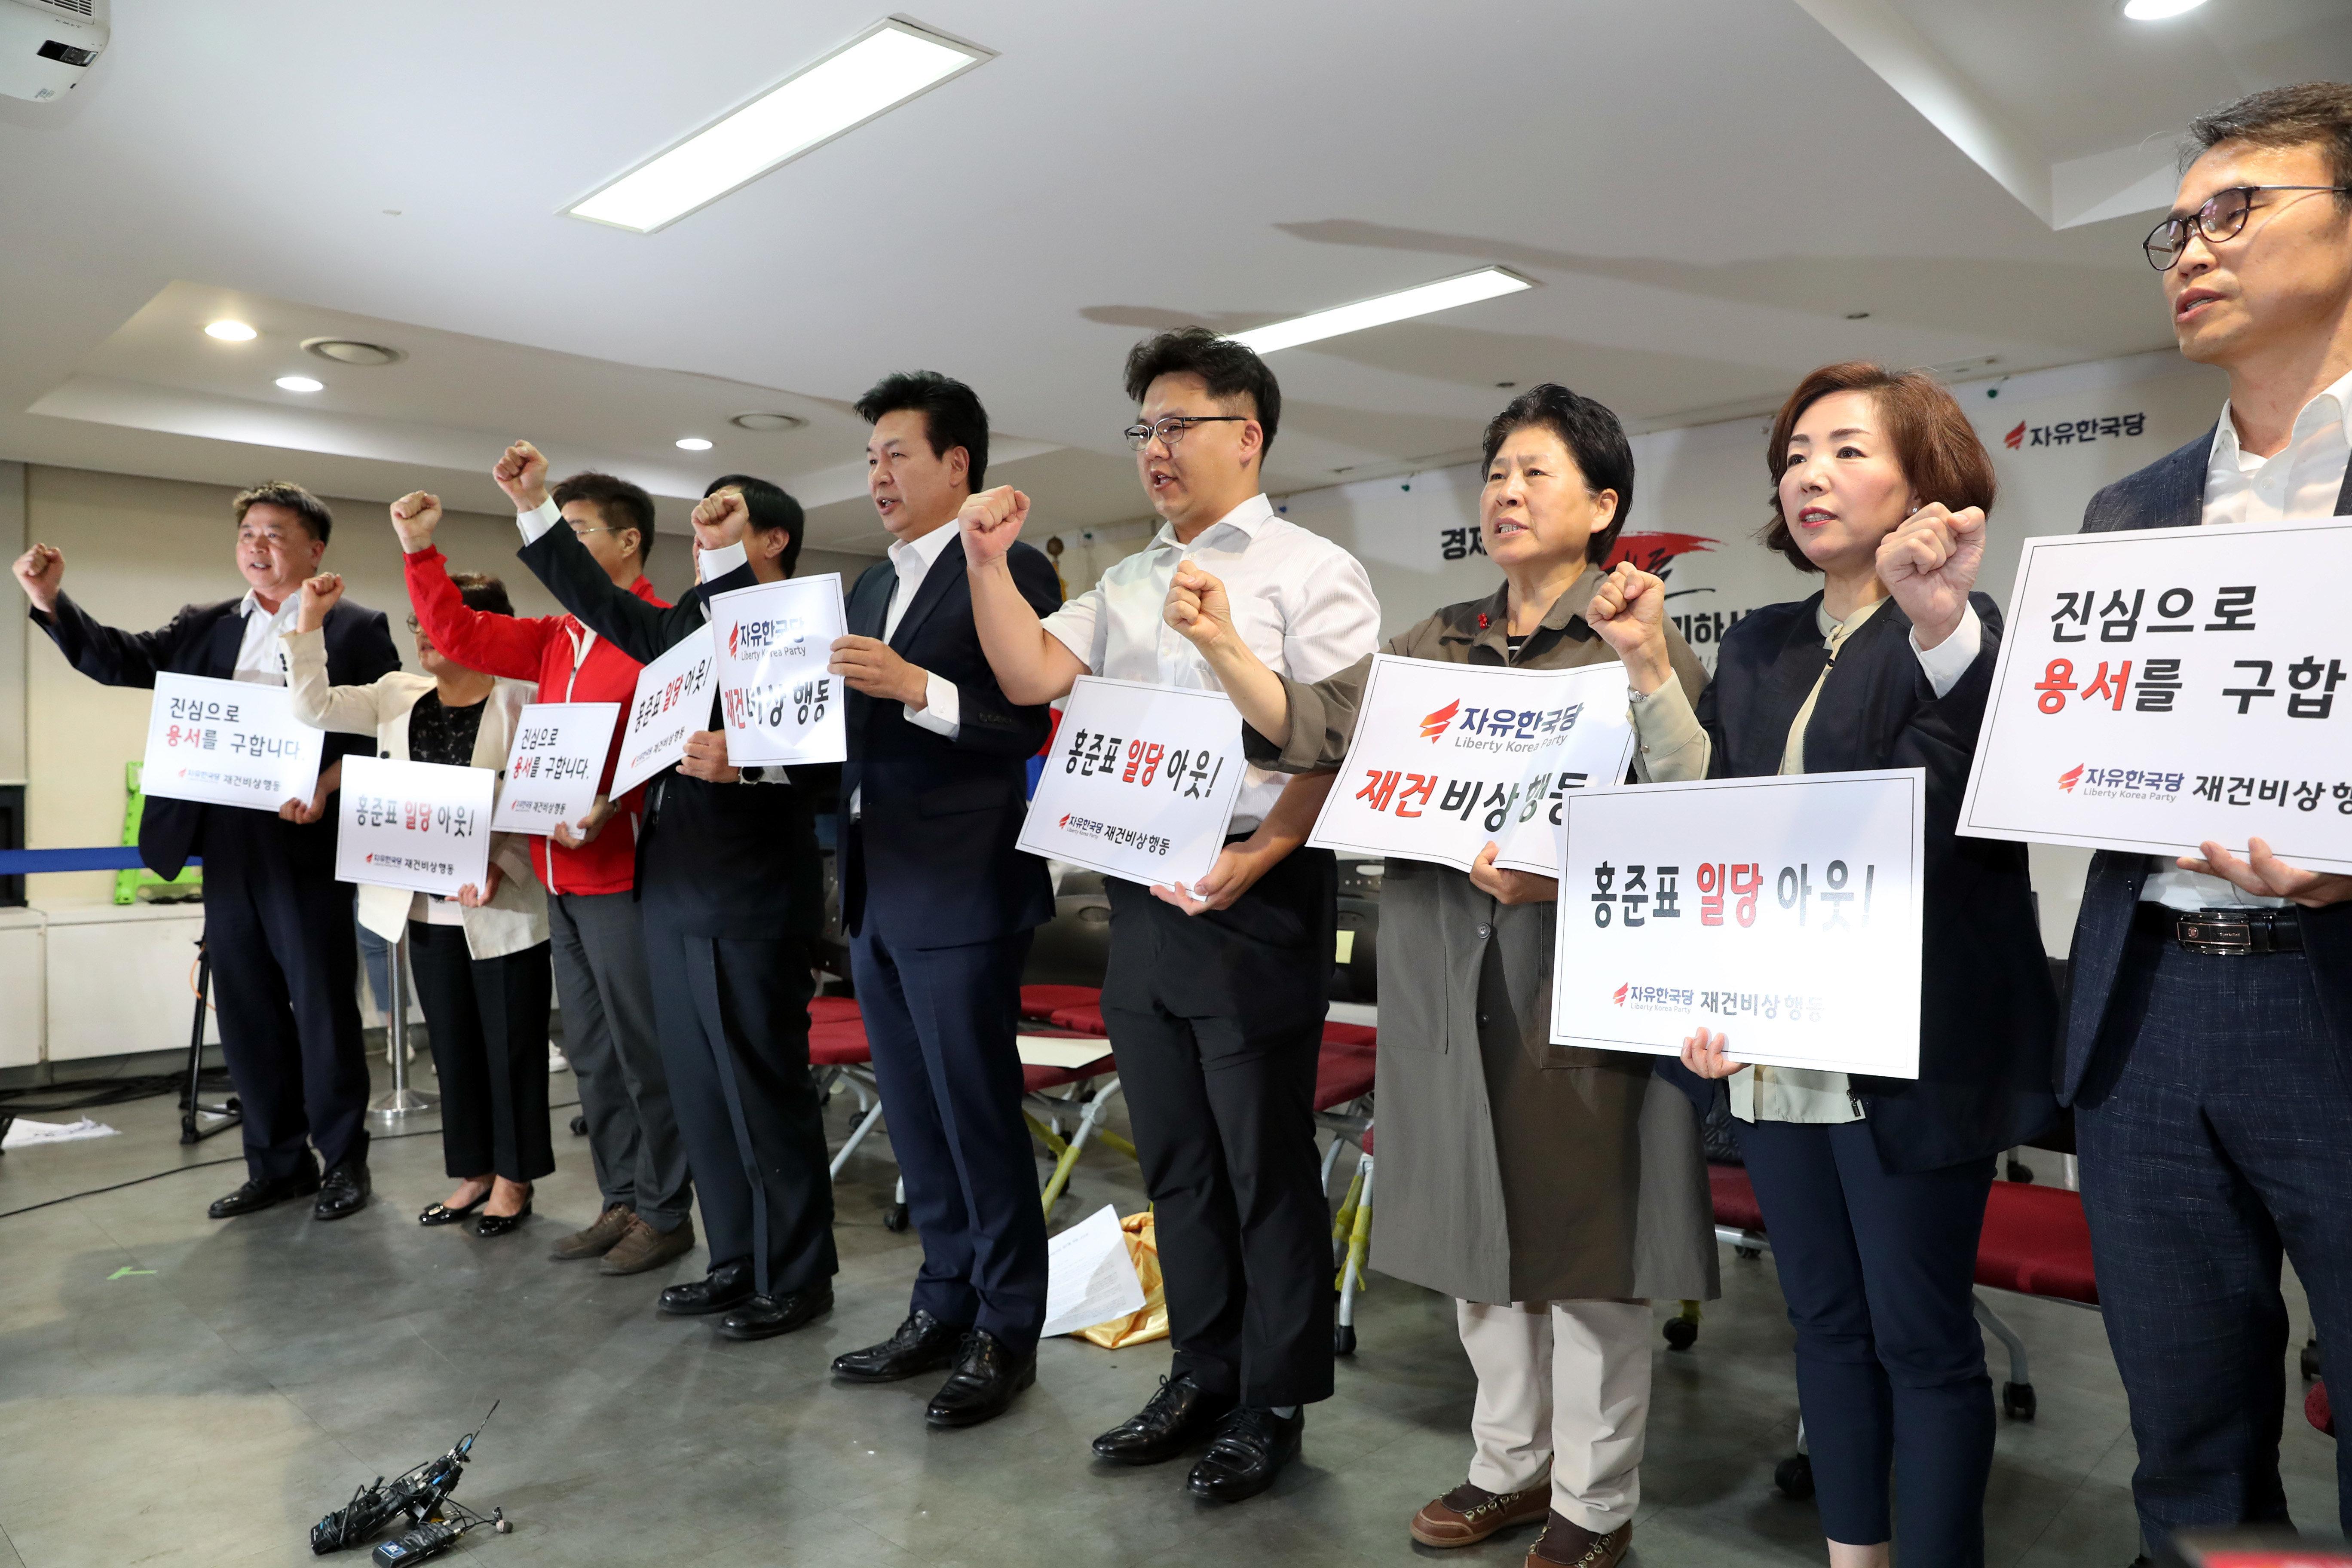 자유한국당 당원들이 홍준표 대표에게 'CVID'적 사퇴를